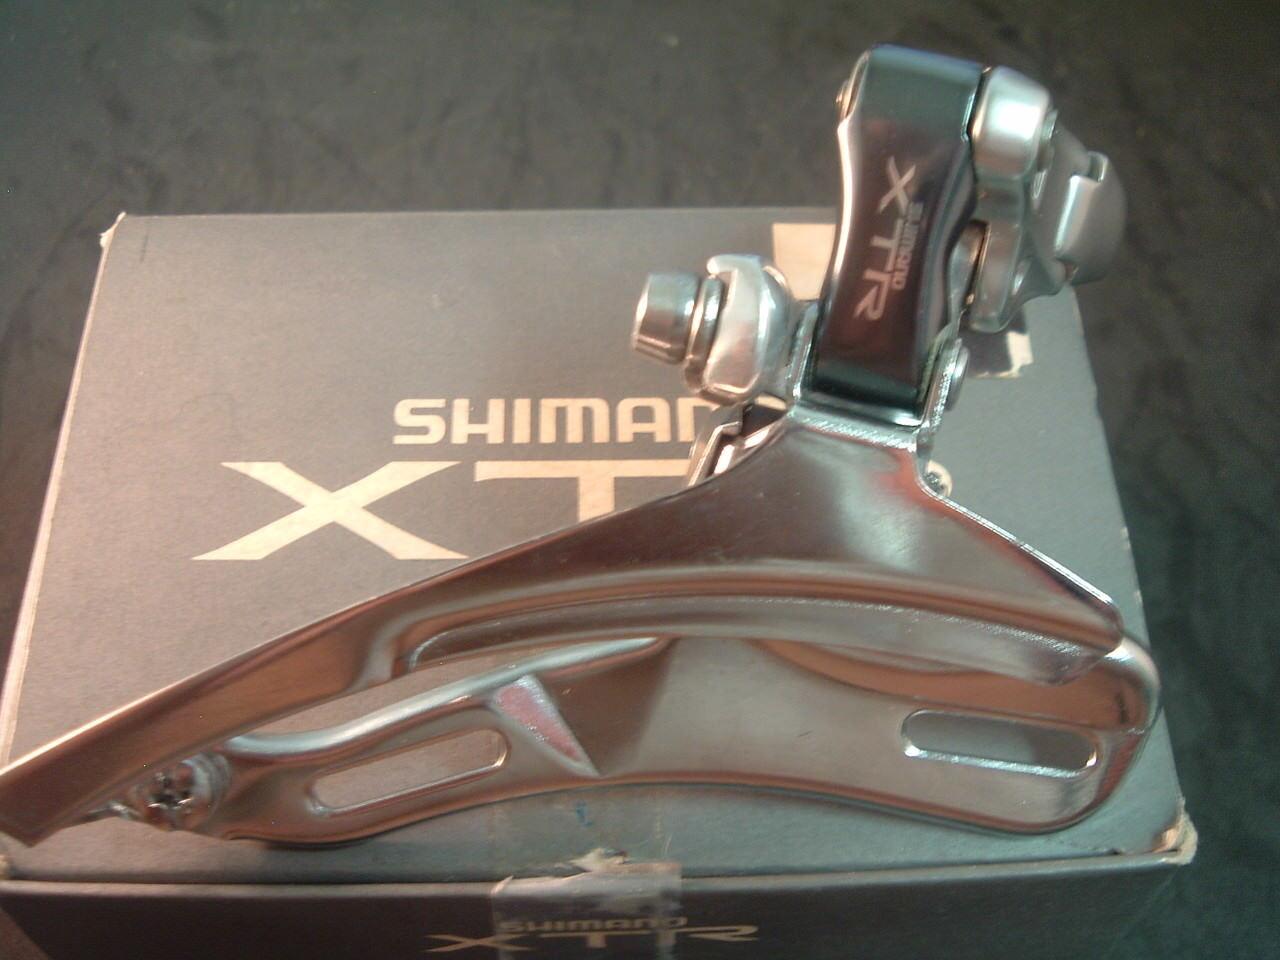 Shimano  XTR M901 31.8MM NEW NOS MTB Front Derailleur Vintage-TP BS-7 8-Spd- NIB  2018 latest